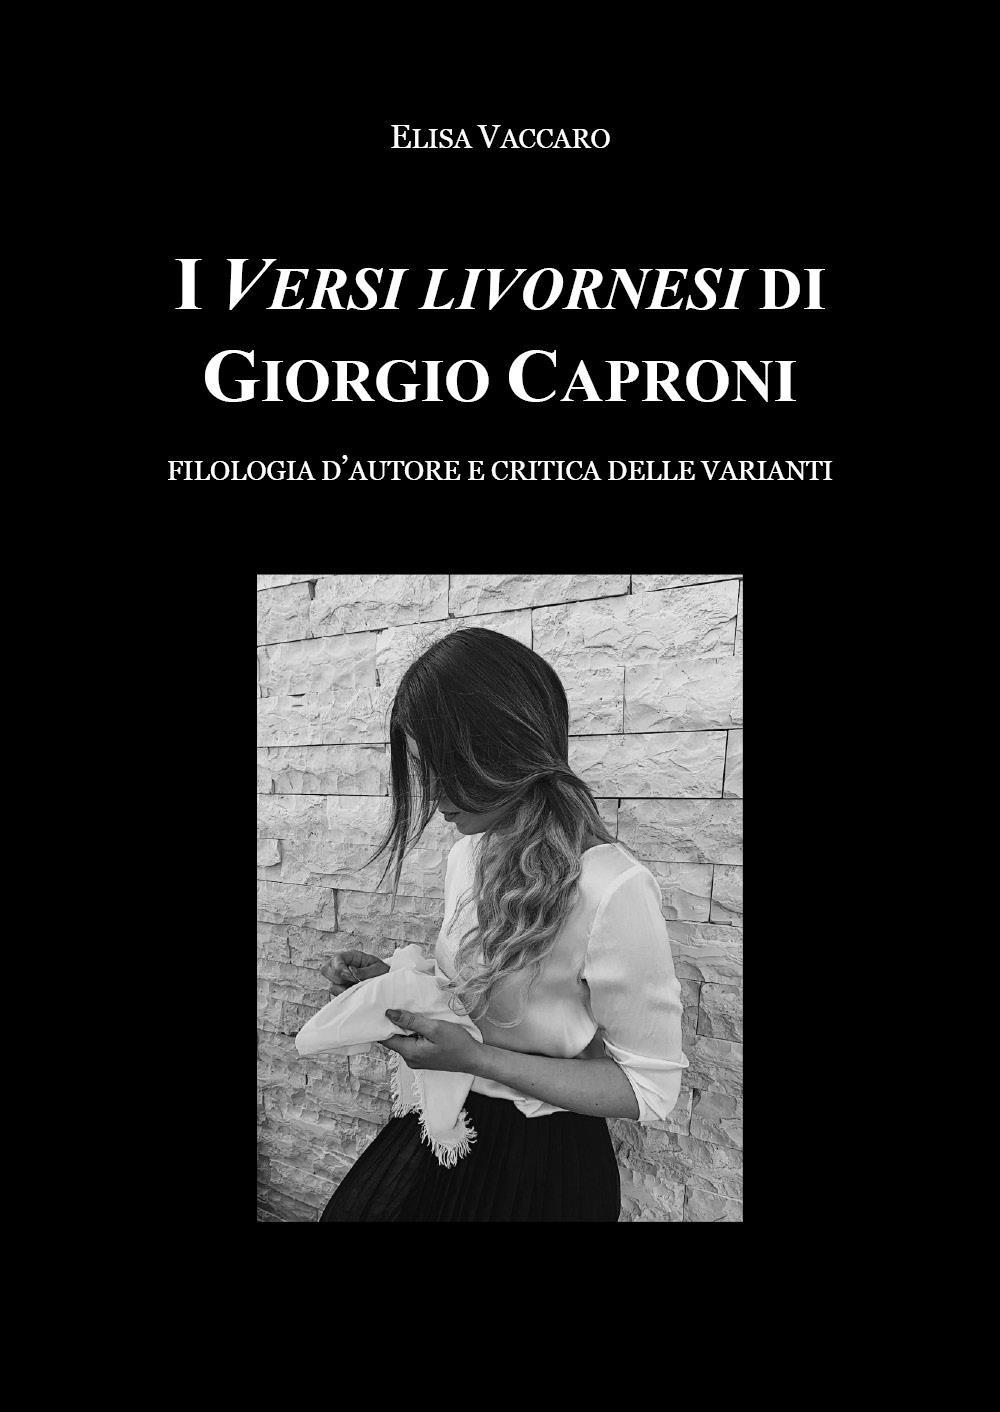 I Versi livornesi di Giorgio Caproni (Filologia d'autore e critica della varianti)